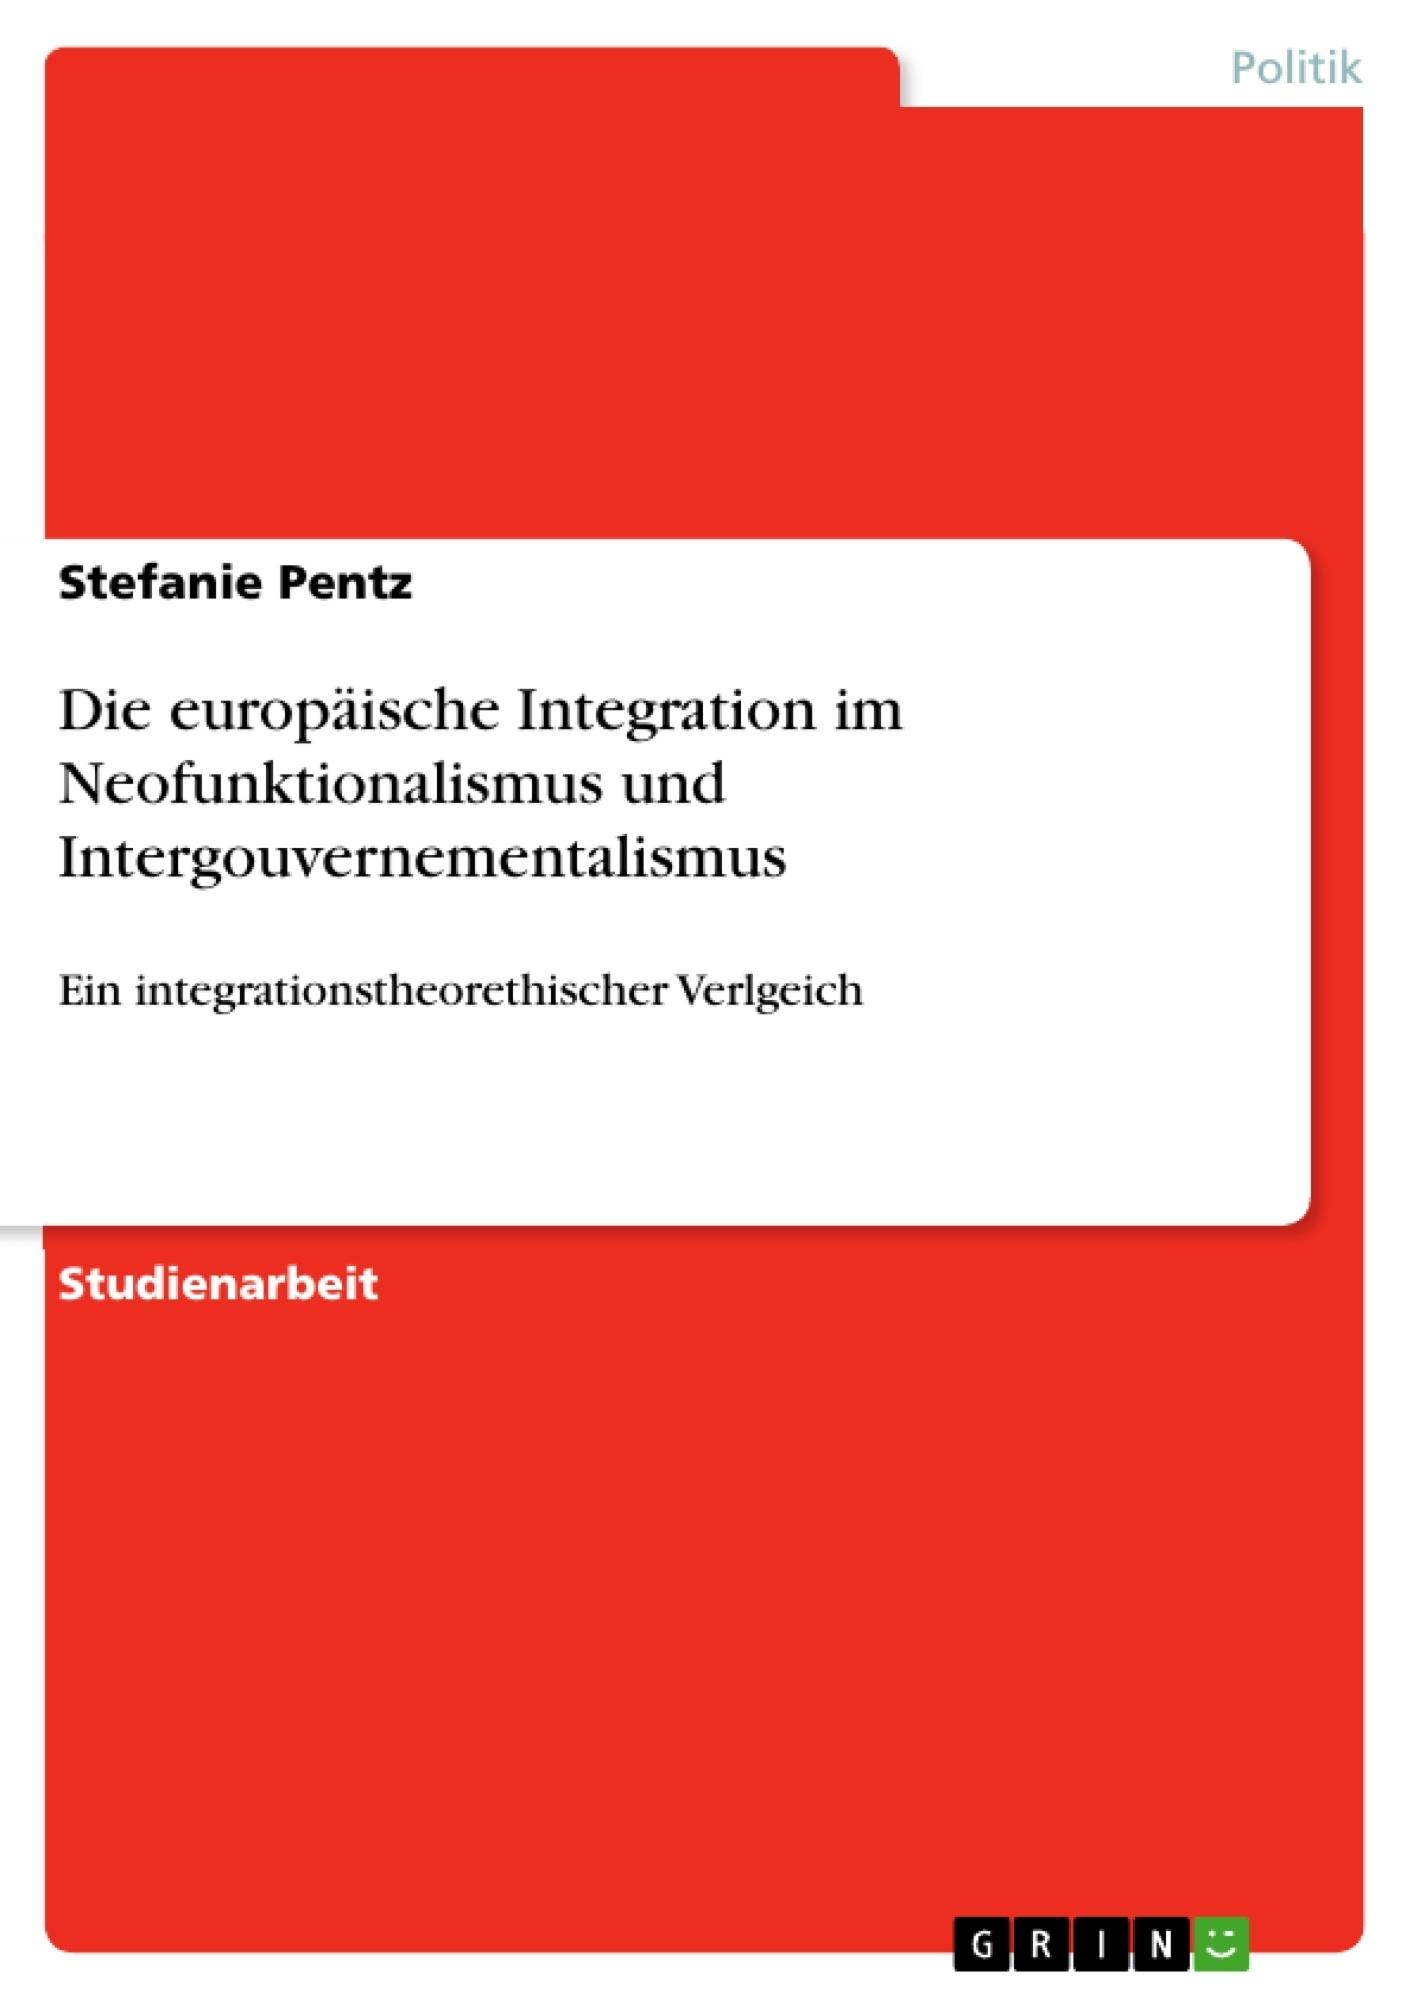 Titel: Die europäische Integration im Neofunktionalismus und Intergouvernementalismus